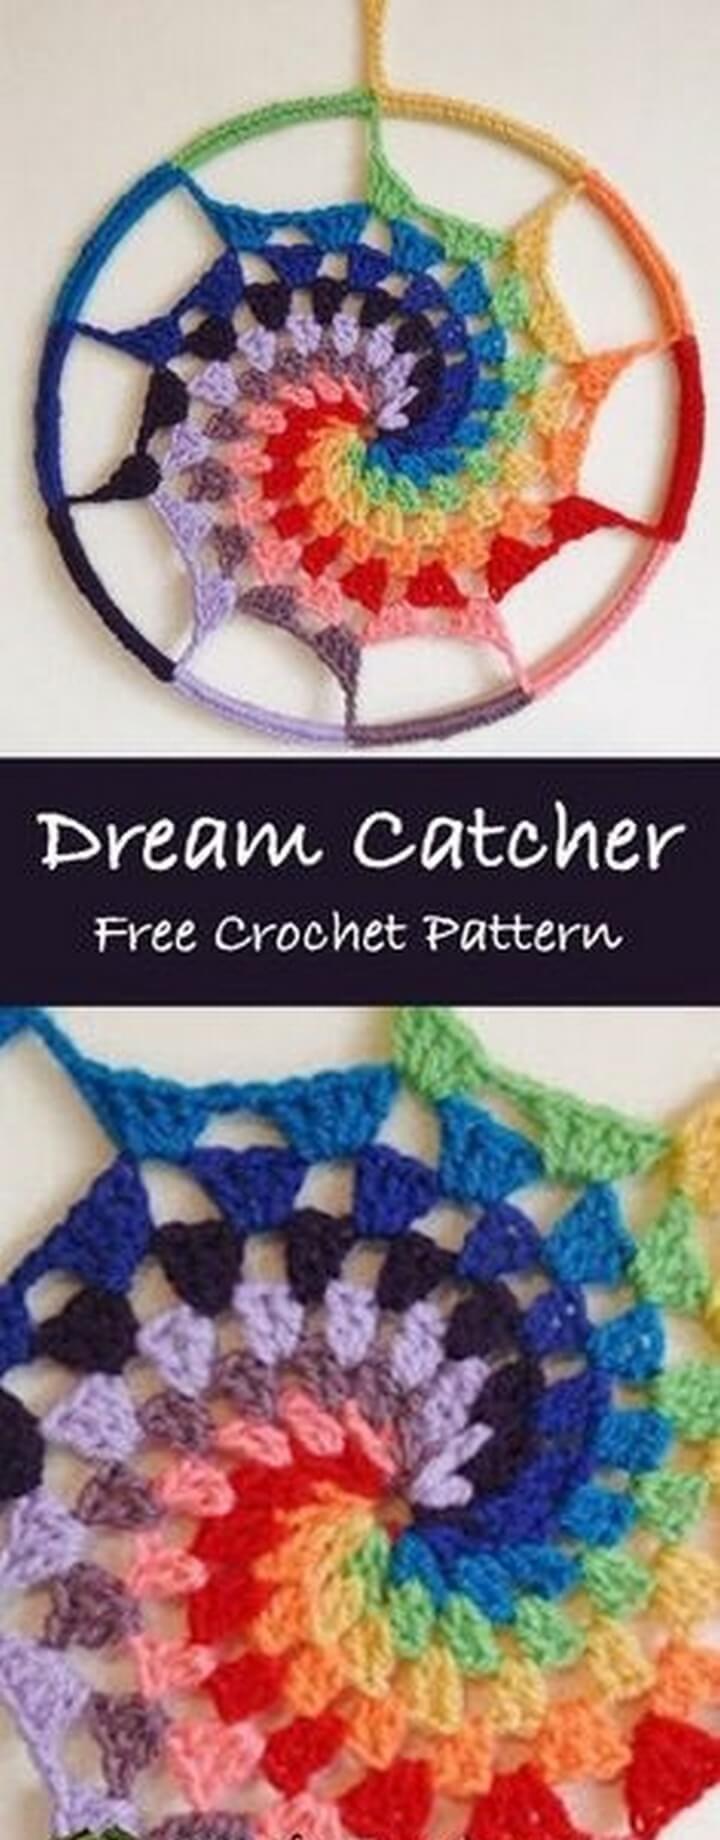 Crochet Rainbow Dreacatcher, crochet, crochet craft, crochet project, crochet home decor, crochet wall hanging, crochet blanket, crochet dreamcatcher, crochet bunny, crochet baby dress, crochet designs, crochet meaning in urdu, crochet flowers, crochet baby frock, crochet sweater, crochet gloves, crochet baby shoes, crochet meaning, crochet frock, crochet patterns, crochet cap, crochet shoes, crochet bag, crochet poncho, crochet stitches, crochet hook, crochet baby boy dress, crochet baby cap, crochet purse, crochet art, crochet accessories, crochet applique, crochet afghan patterns, crochet animals, crochet amigurumi, crochet abbreviations, crochet afghan, crochet animal patterns, crochet a blanket, crochet a scarf, crochet a hat, crochet a circle, crochet alpine stitch, crochet along 2020, crochet australia, crochet angel, crochet a beanie, crochet a granny square, crochet a flower, crochet baby sweater, crochet baby blanket, crochet bed sheet, crochet baby boy sweater, crochet bag design, crochet baby dress pattern, crochet boy sweater, crochet bra, crochet baby frocks free patterns, crochet baby, crochet baby dress design, crochet baby cap design, crochet bracelet, crochet cushion, crochet cardigan, crochet cap design, crochet cap shawl, crochet clutch, crochet cardigan pattern, crochet cap design for baby, crochet crafts, crochet cushion design, crochet cape, crochet clutch design, crochet cable stitch, crochet collar, crochet cap pattern, crochet cowl patterns, crochet crowd, crochet clutch pattern, crochet coaster, crochet cushion cover design, crochet dress, crochet designs step by step, crochet dress baby, crochet doll, crochet definition, crochet design frock, crochet decorations, crochet dupatta border, crochet design video, crochet design sweater, crochet design for baby boy, crochet dress pattern, crochet design 2020, crochet doily, crochet doily patterns, crochet doll patterns, crochet design for baby, crochet dress design, crochet design for beginners